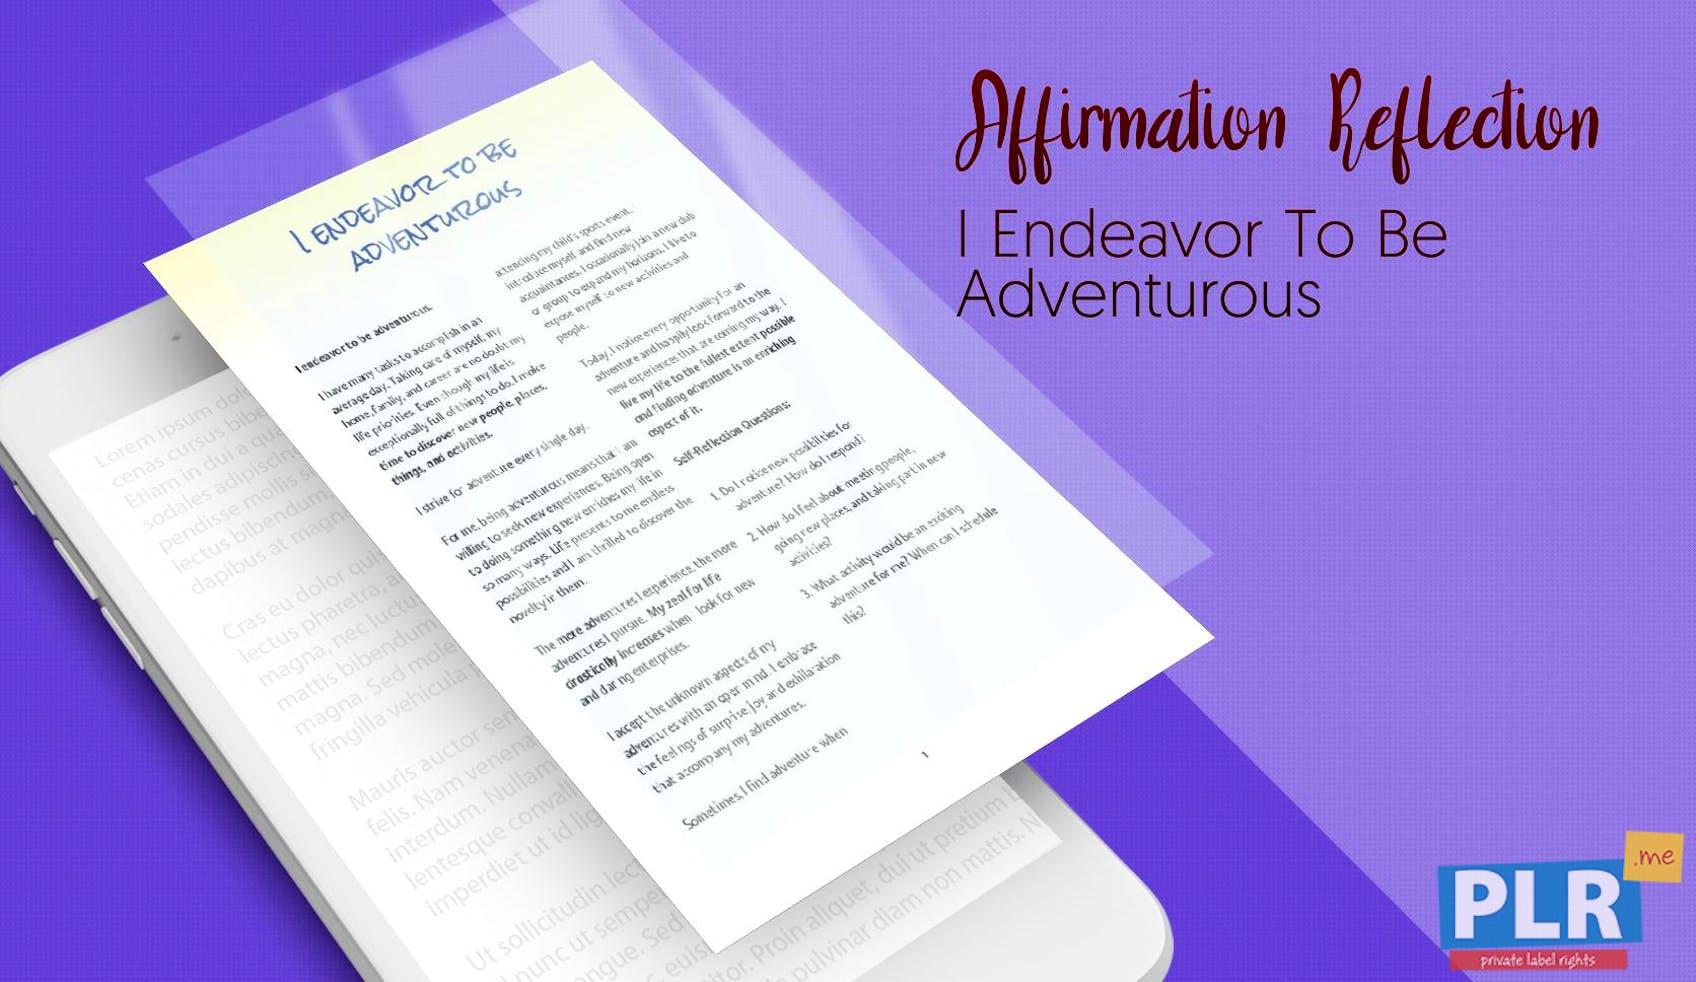 I Endeavor To Be Adventurous